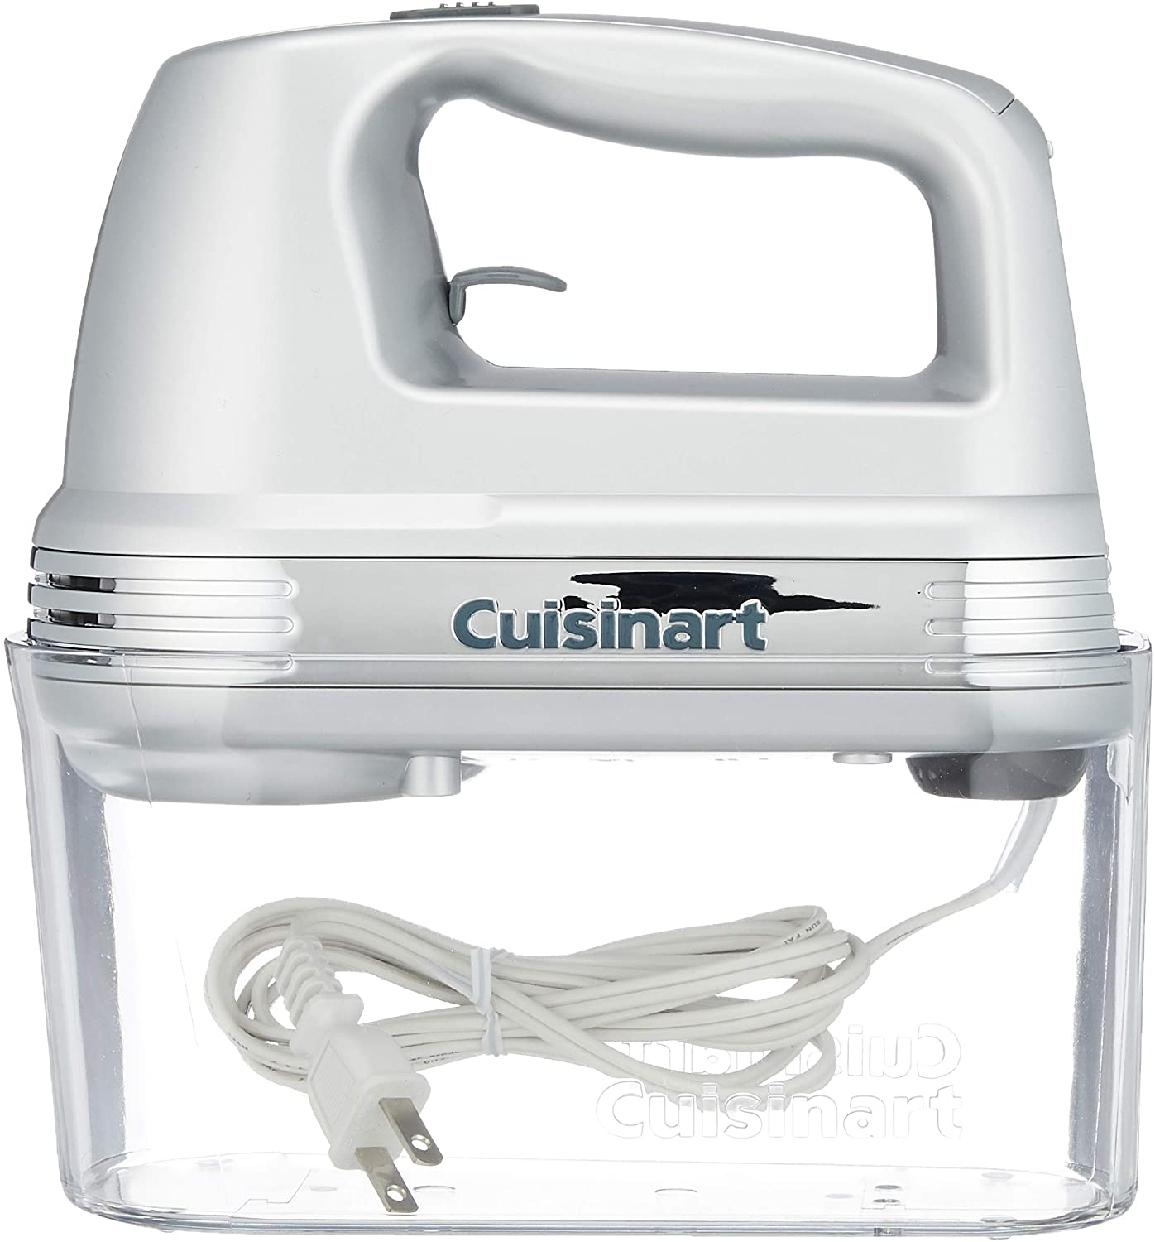 Cuisinart(クイジナート) スマートパワーハンドミキサー プラス HM-060SJの商品画像3